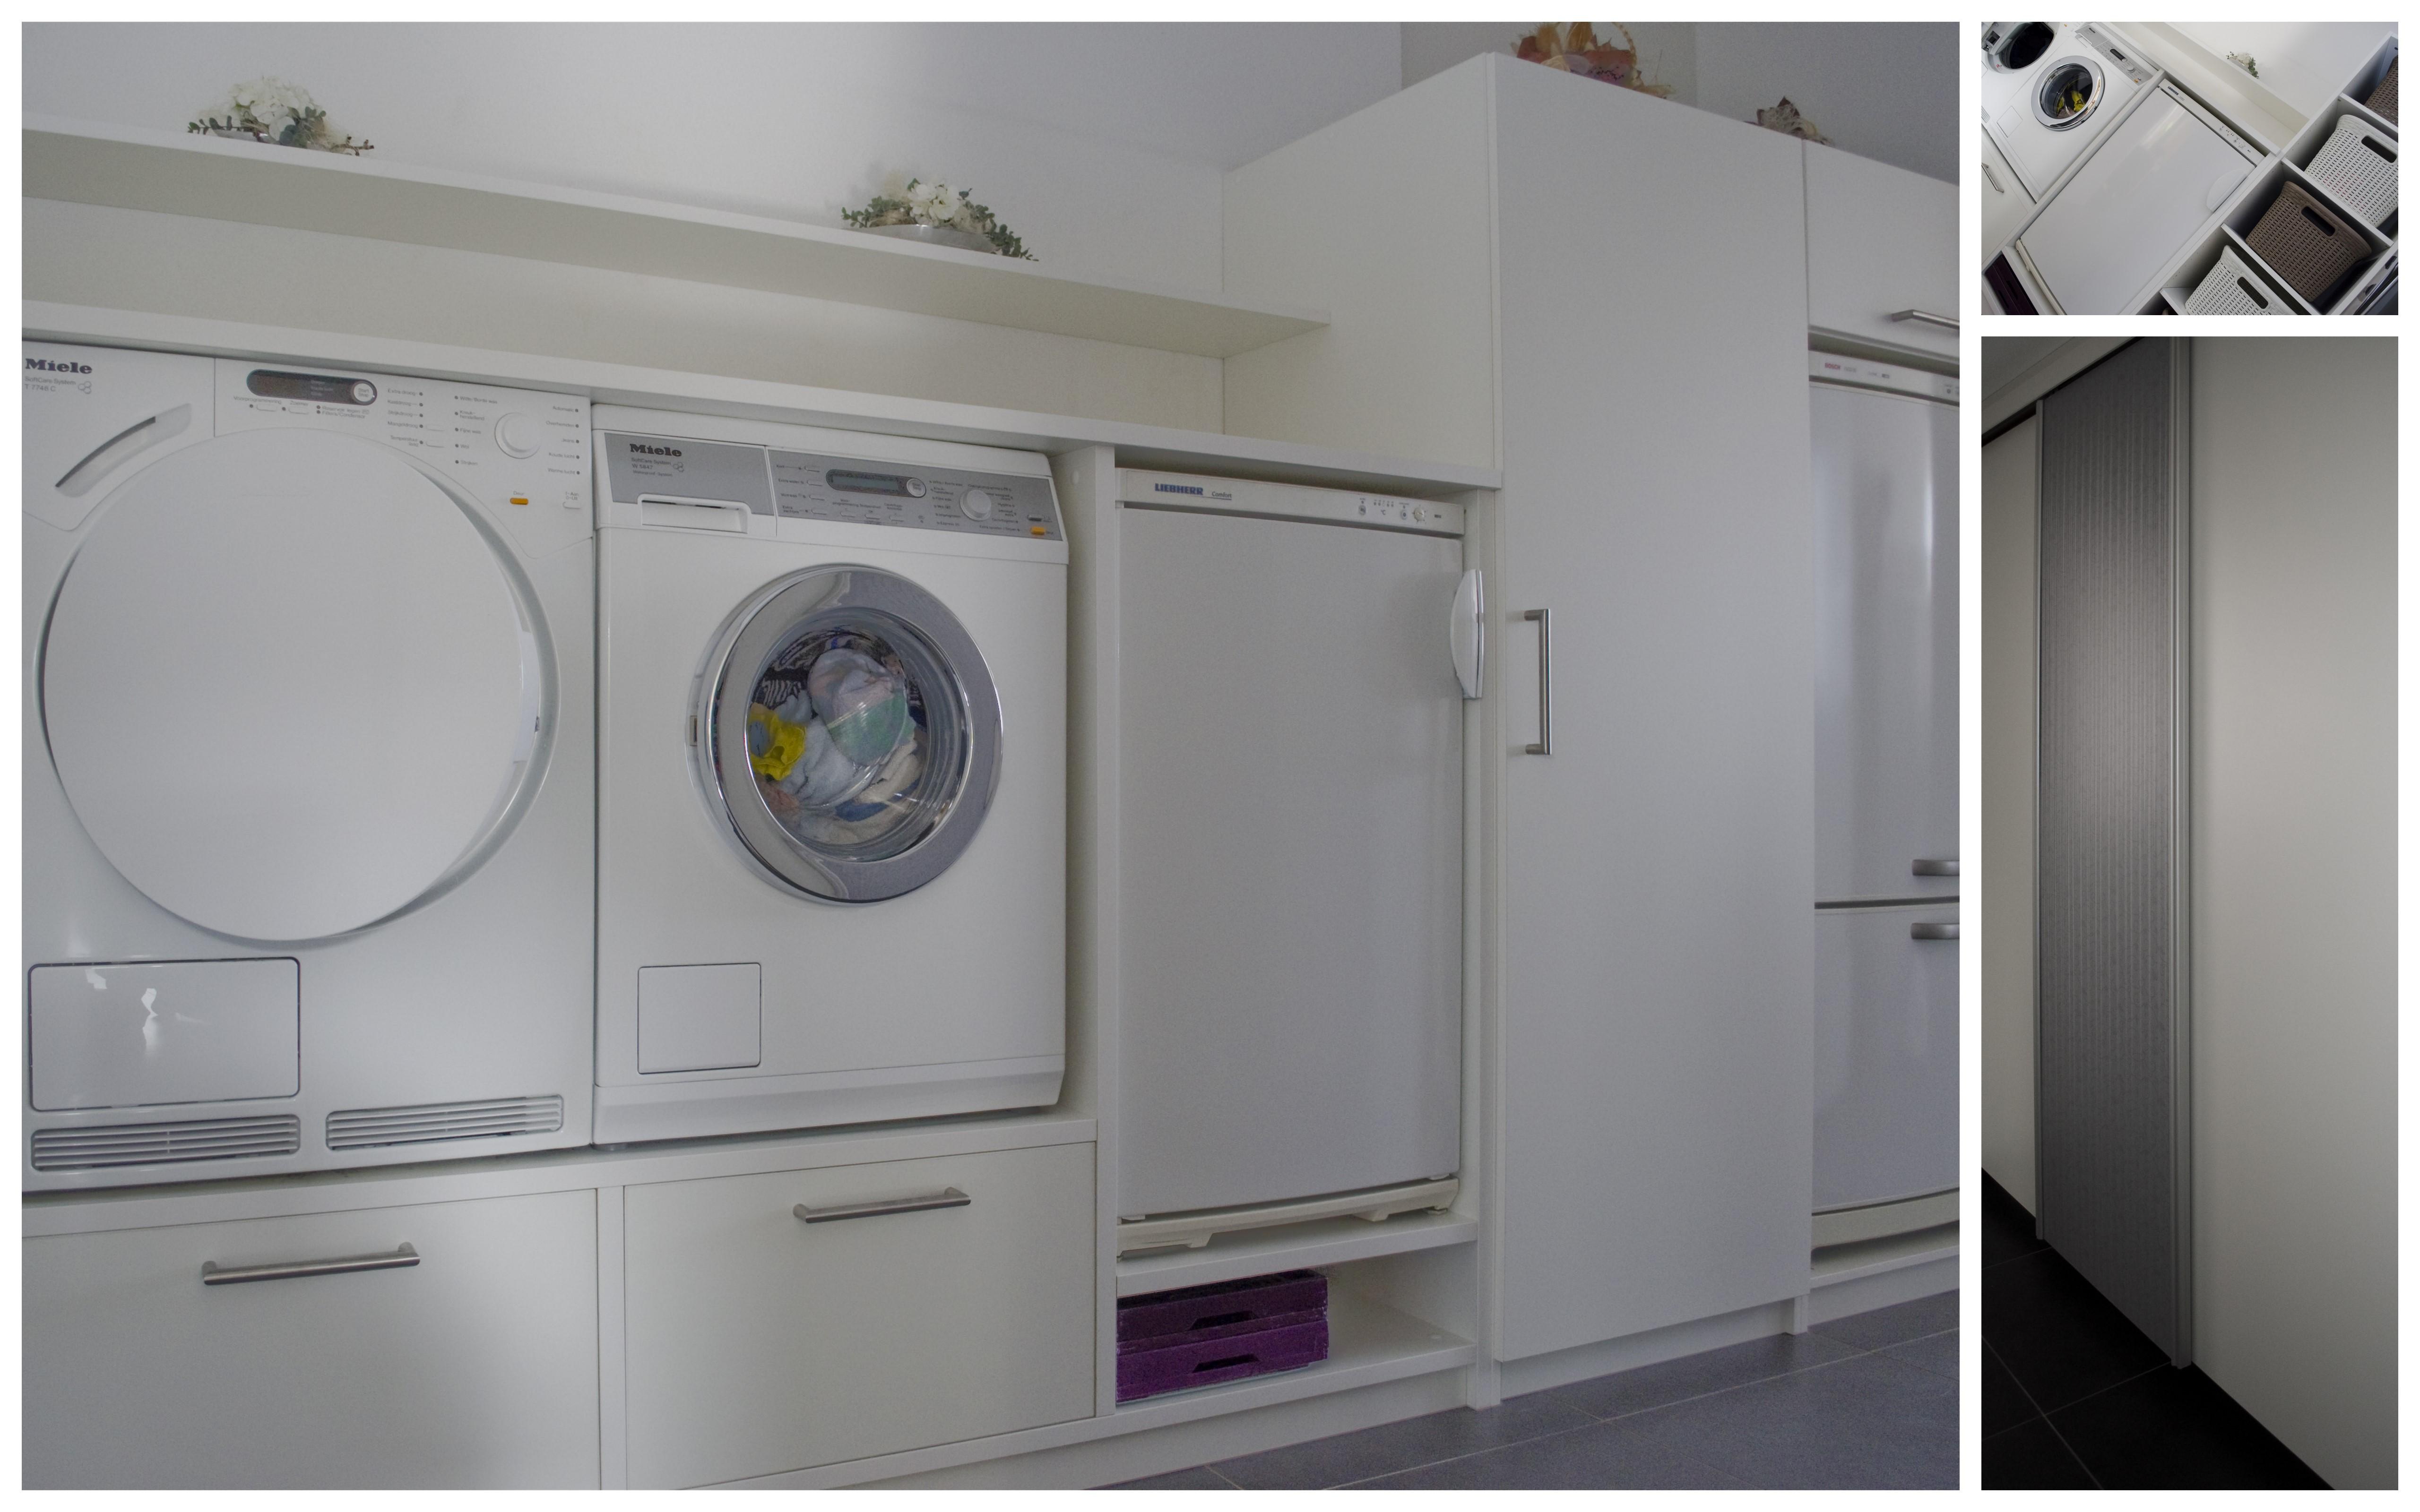 Kast Voor Wasmachine En Droger Op Elkaar De Wasmachine En